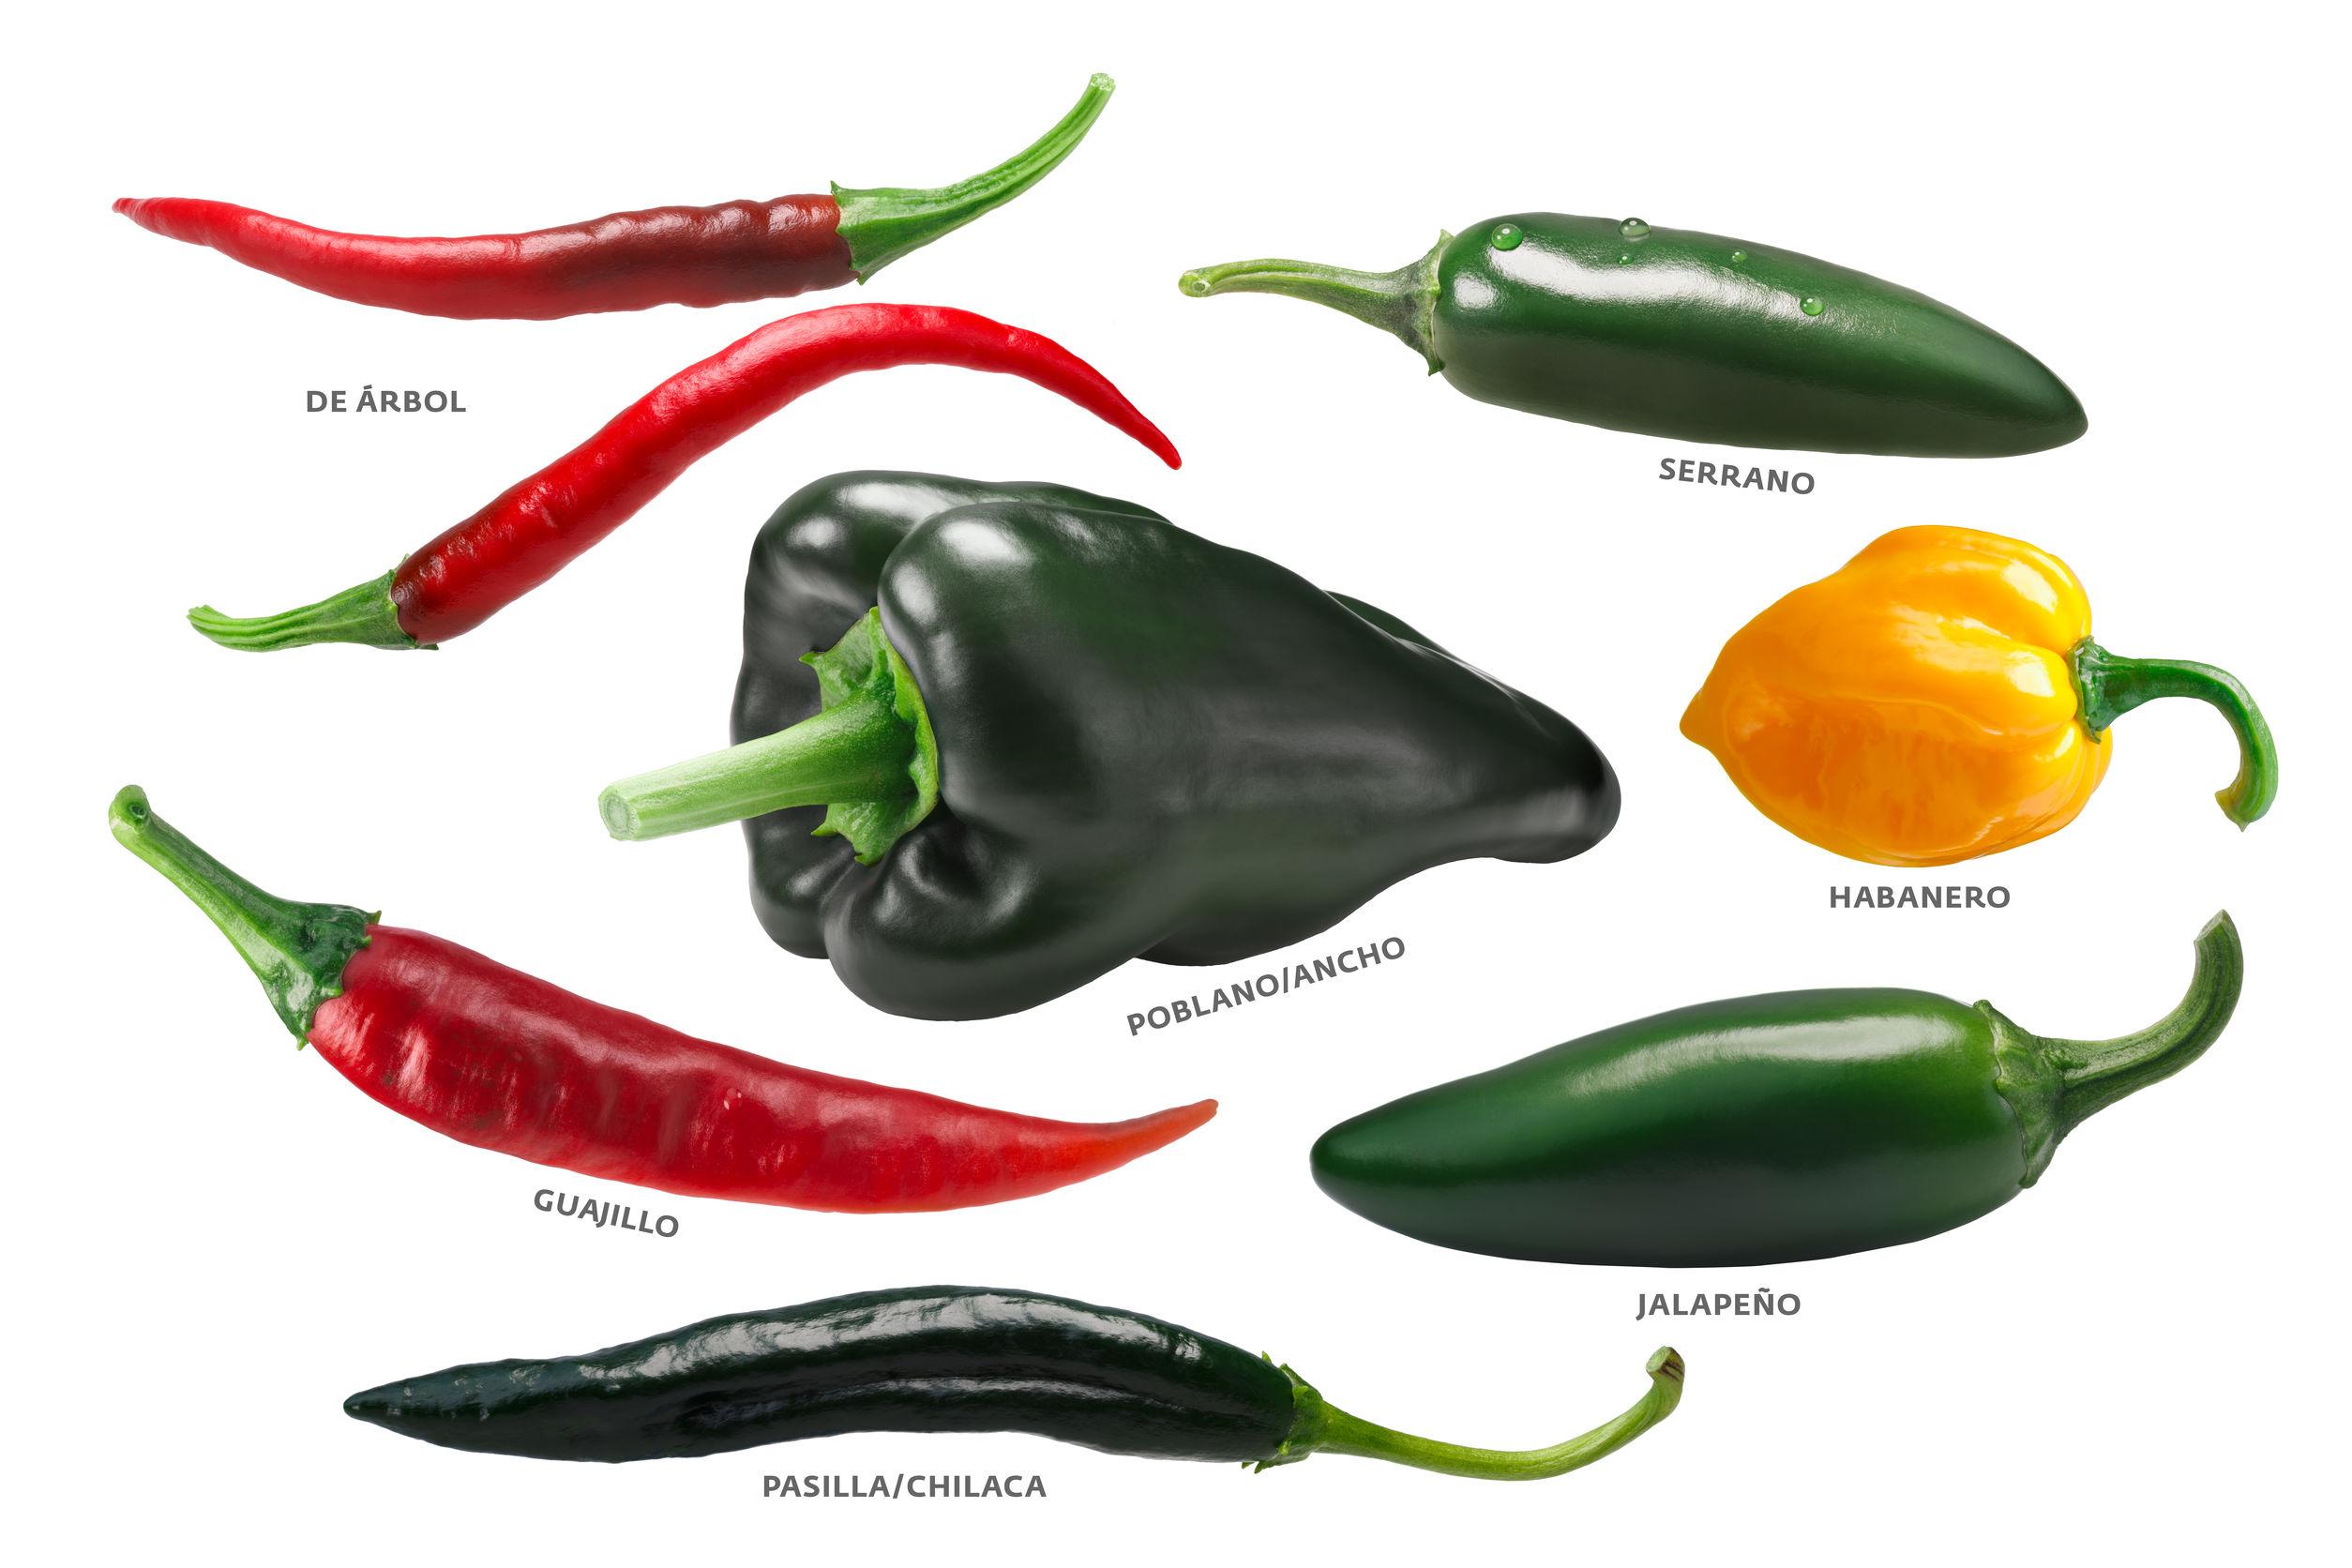 Mexican chile peppers: Arbol, Pasilla, Guajillo, Poblano, Habanero, Jalapeno. Clipping paths